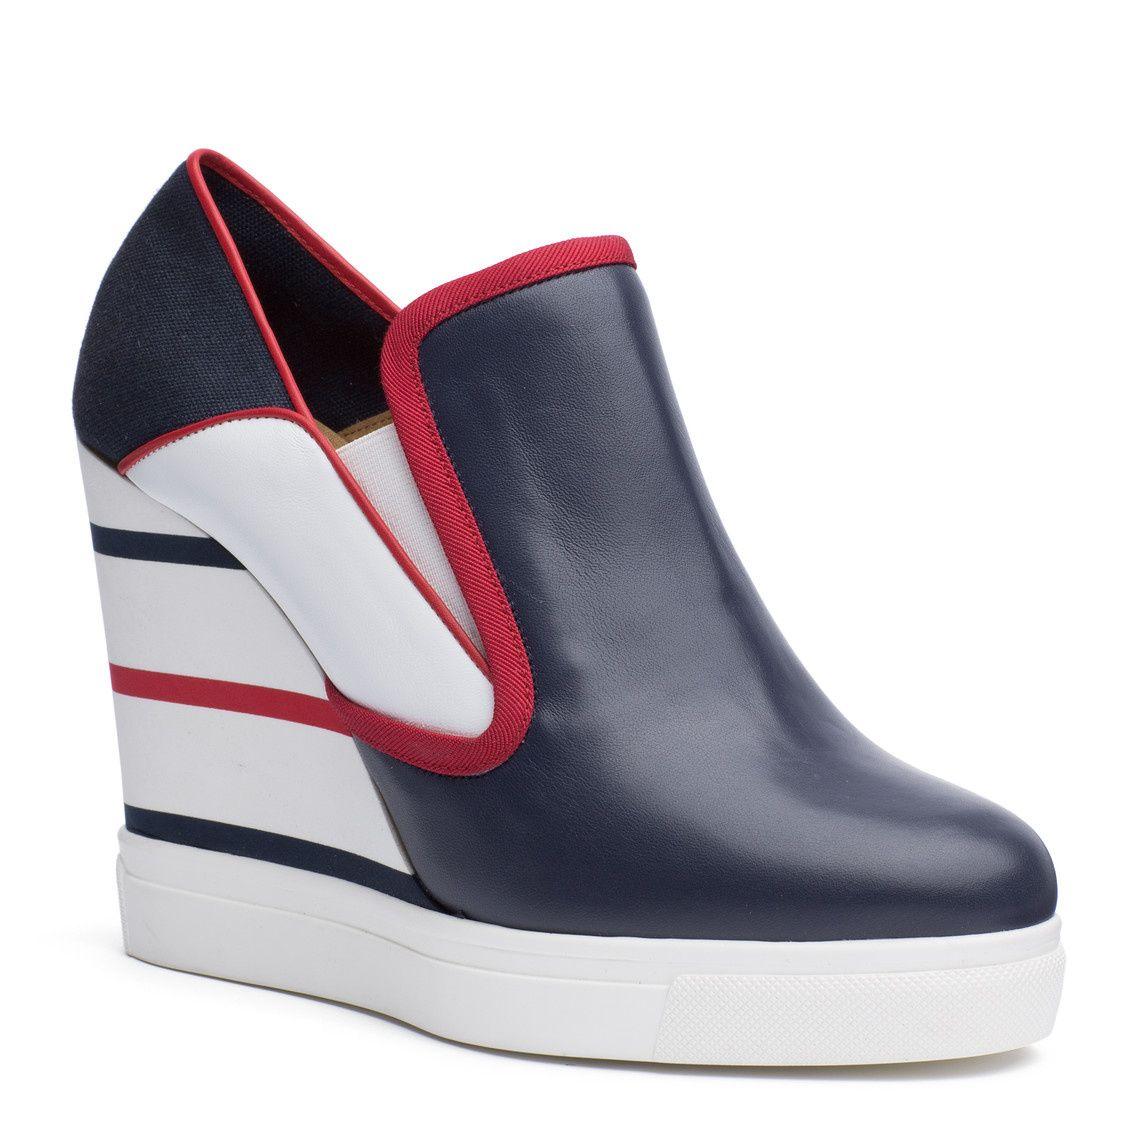 Collection Hilfiger CompenséesBoutique Chaussures officielle kiXOPZu